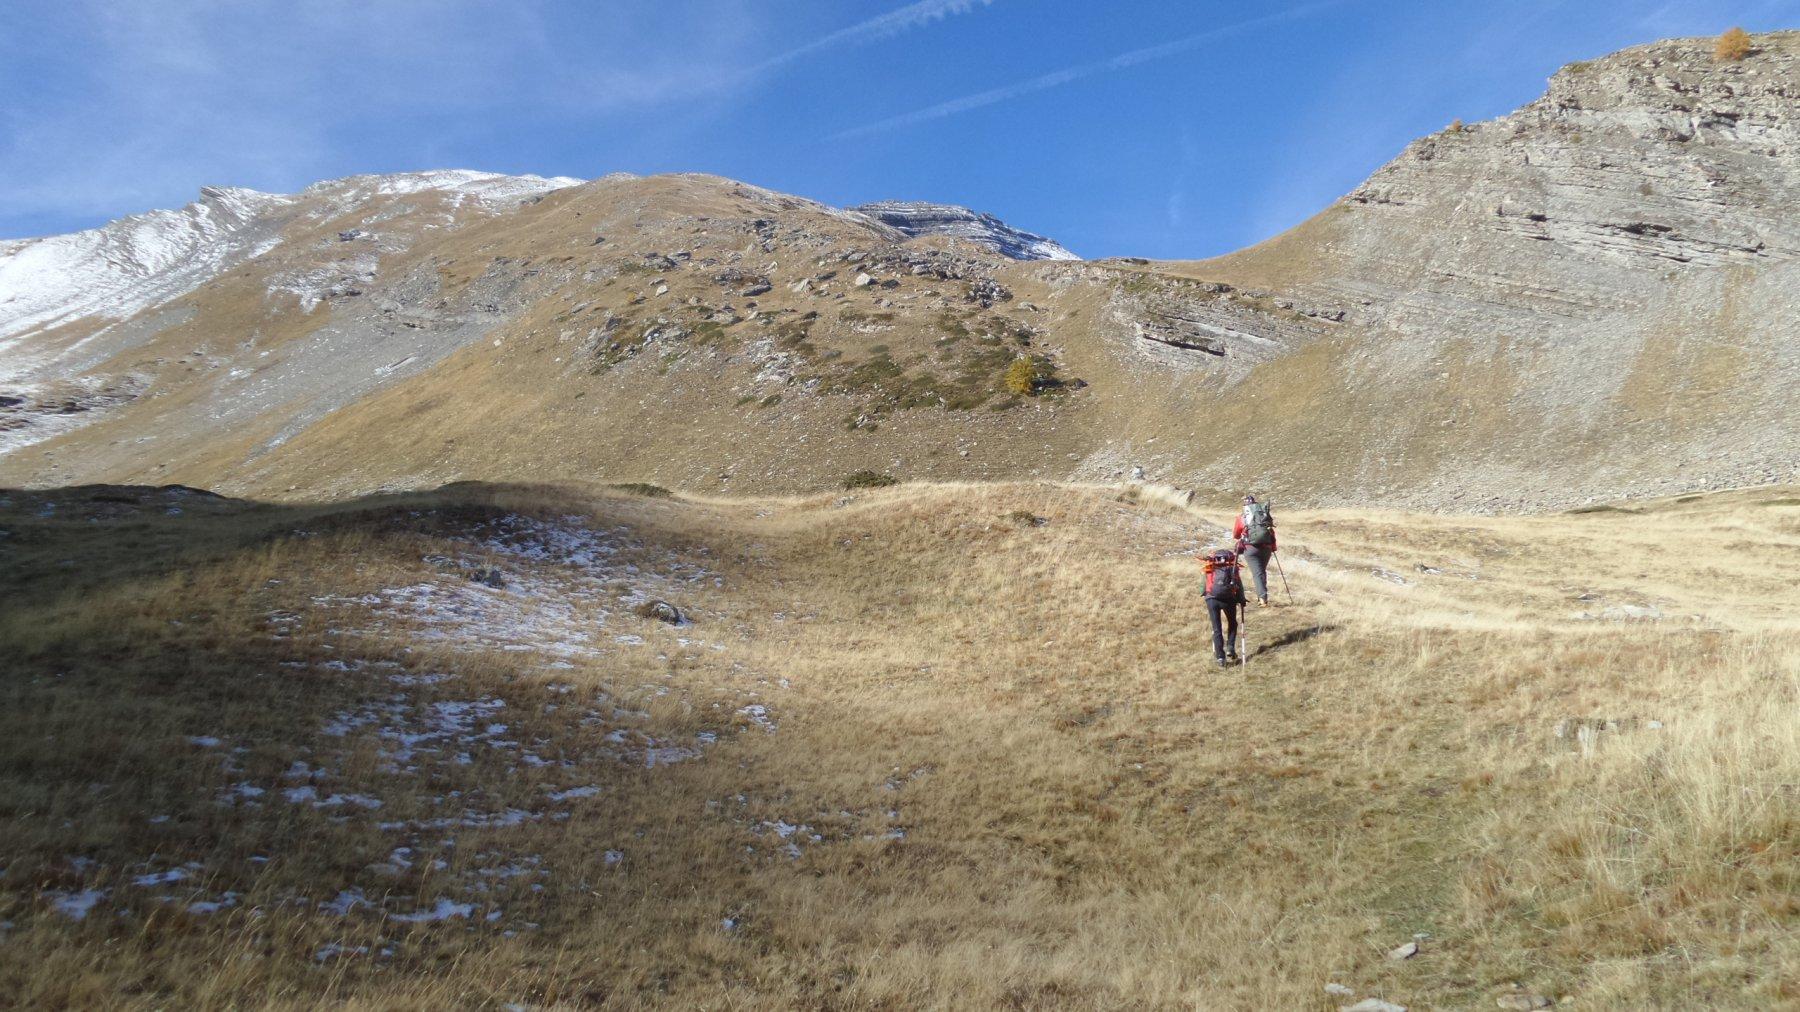 risalendo il tratto erboso e pianeggiante a quota 2300 m nel Vallon de Font Crèse (17-10-2015)